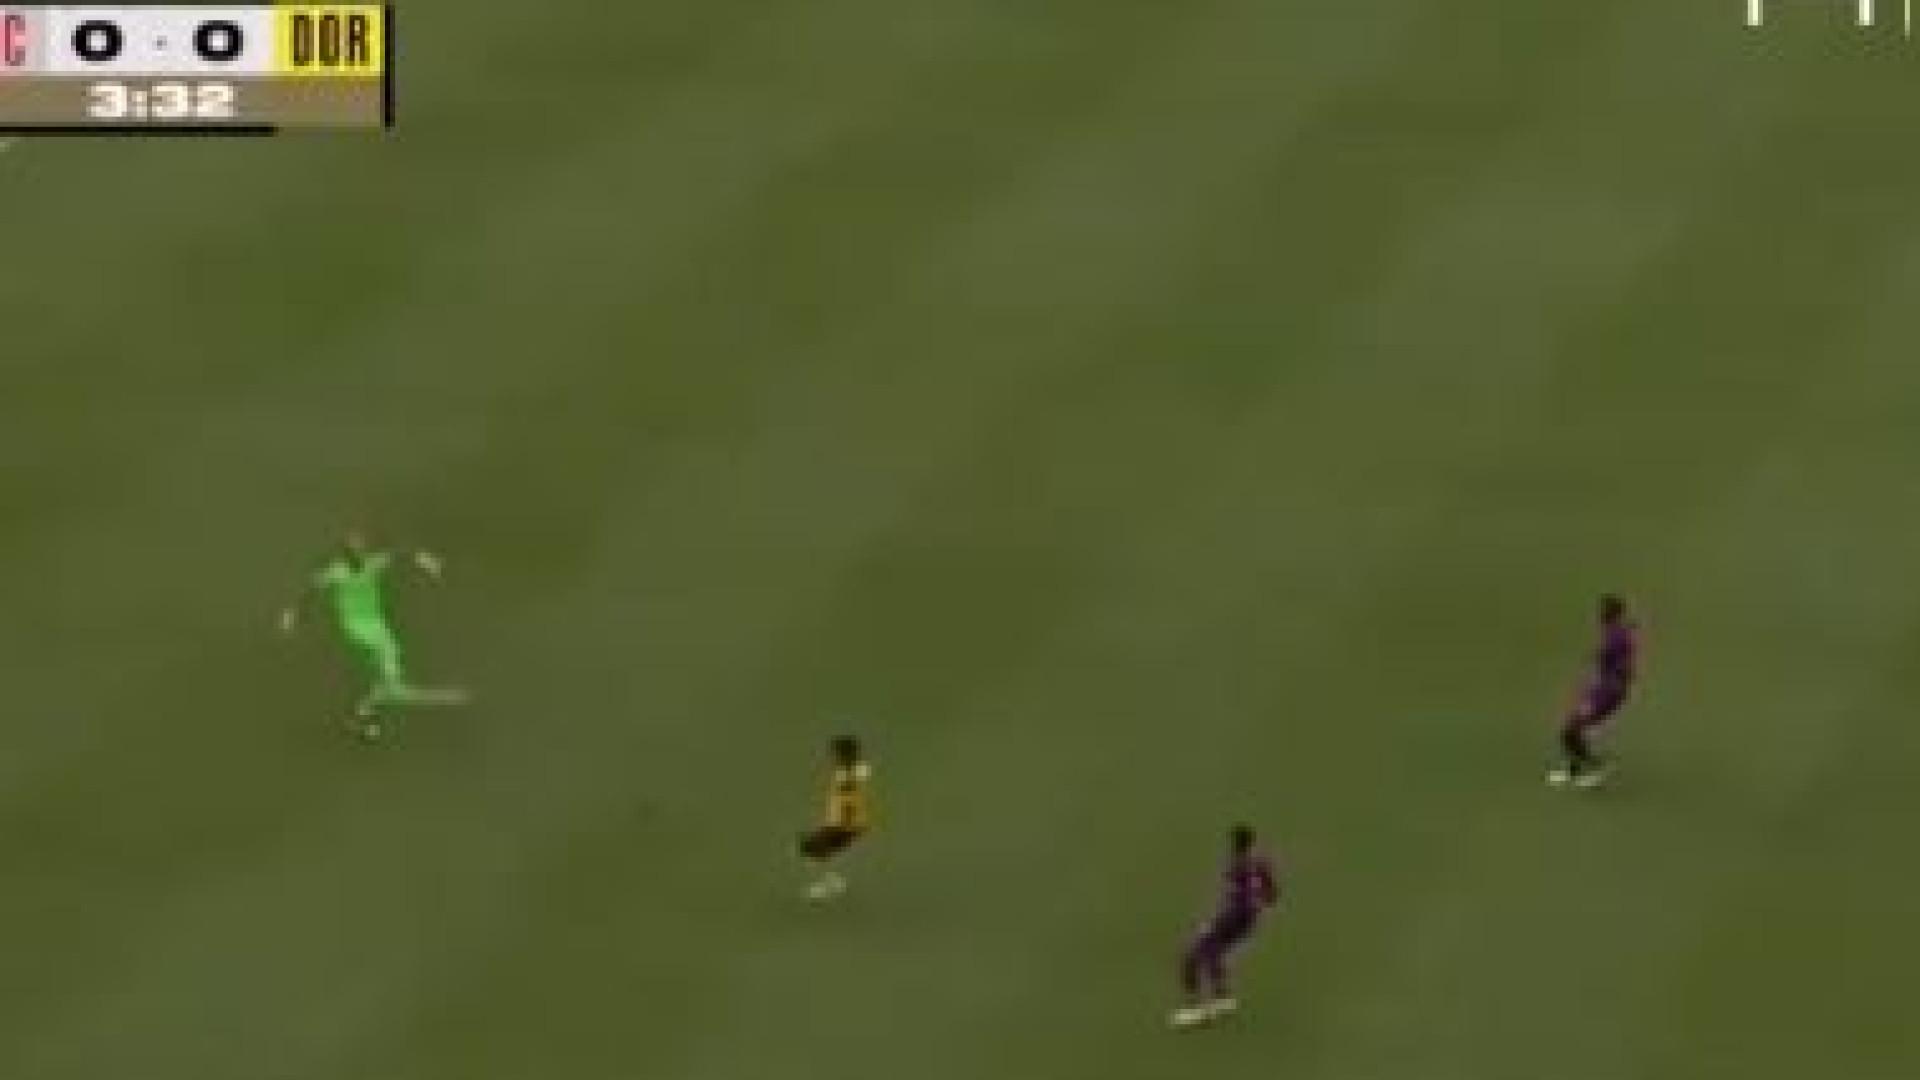 Karius volta a cometer 'erro grosseiro' em particular com o Dortmund